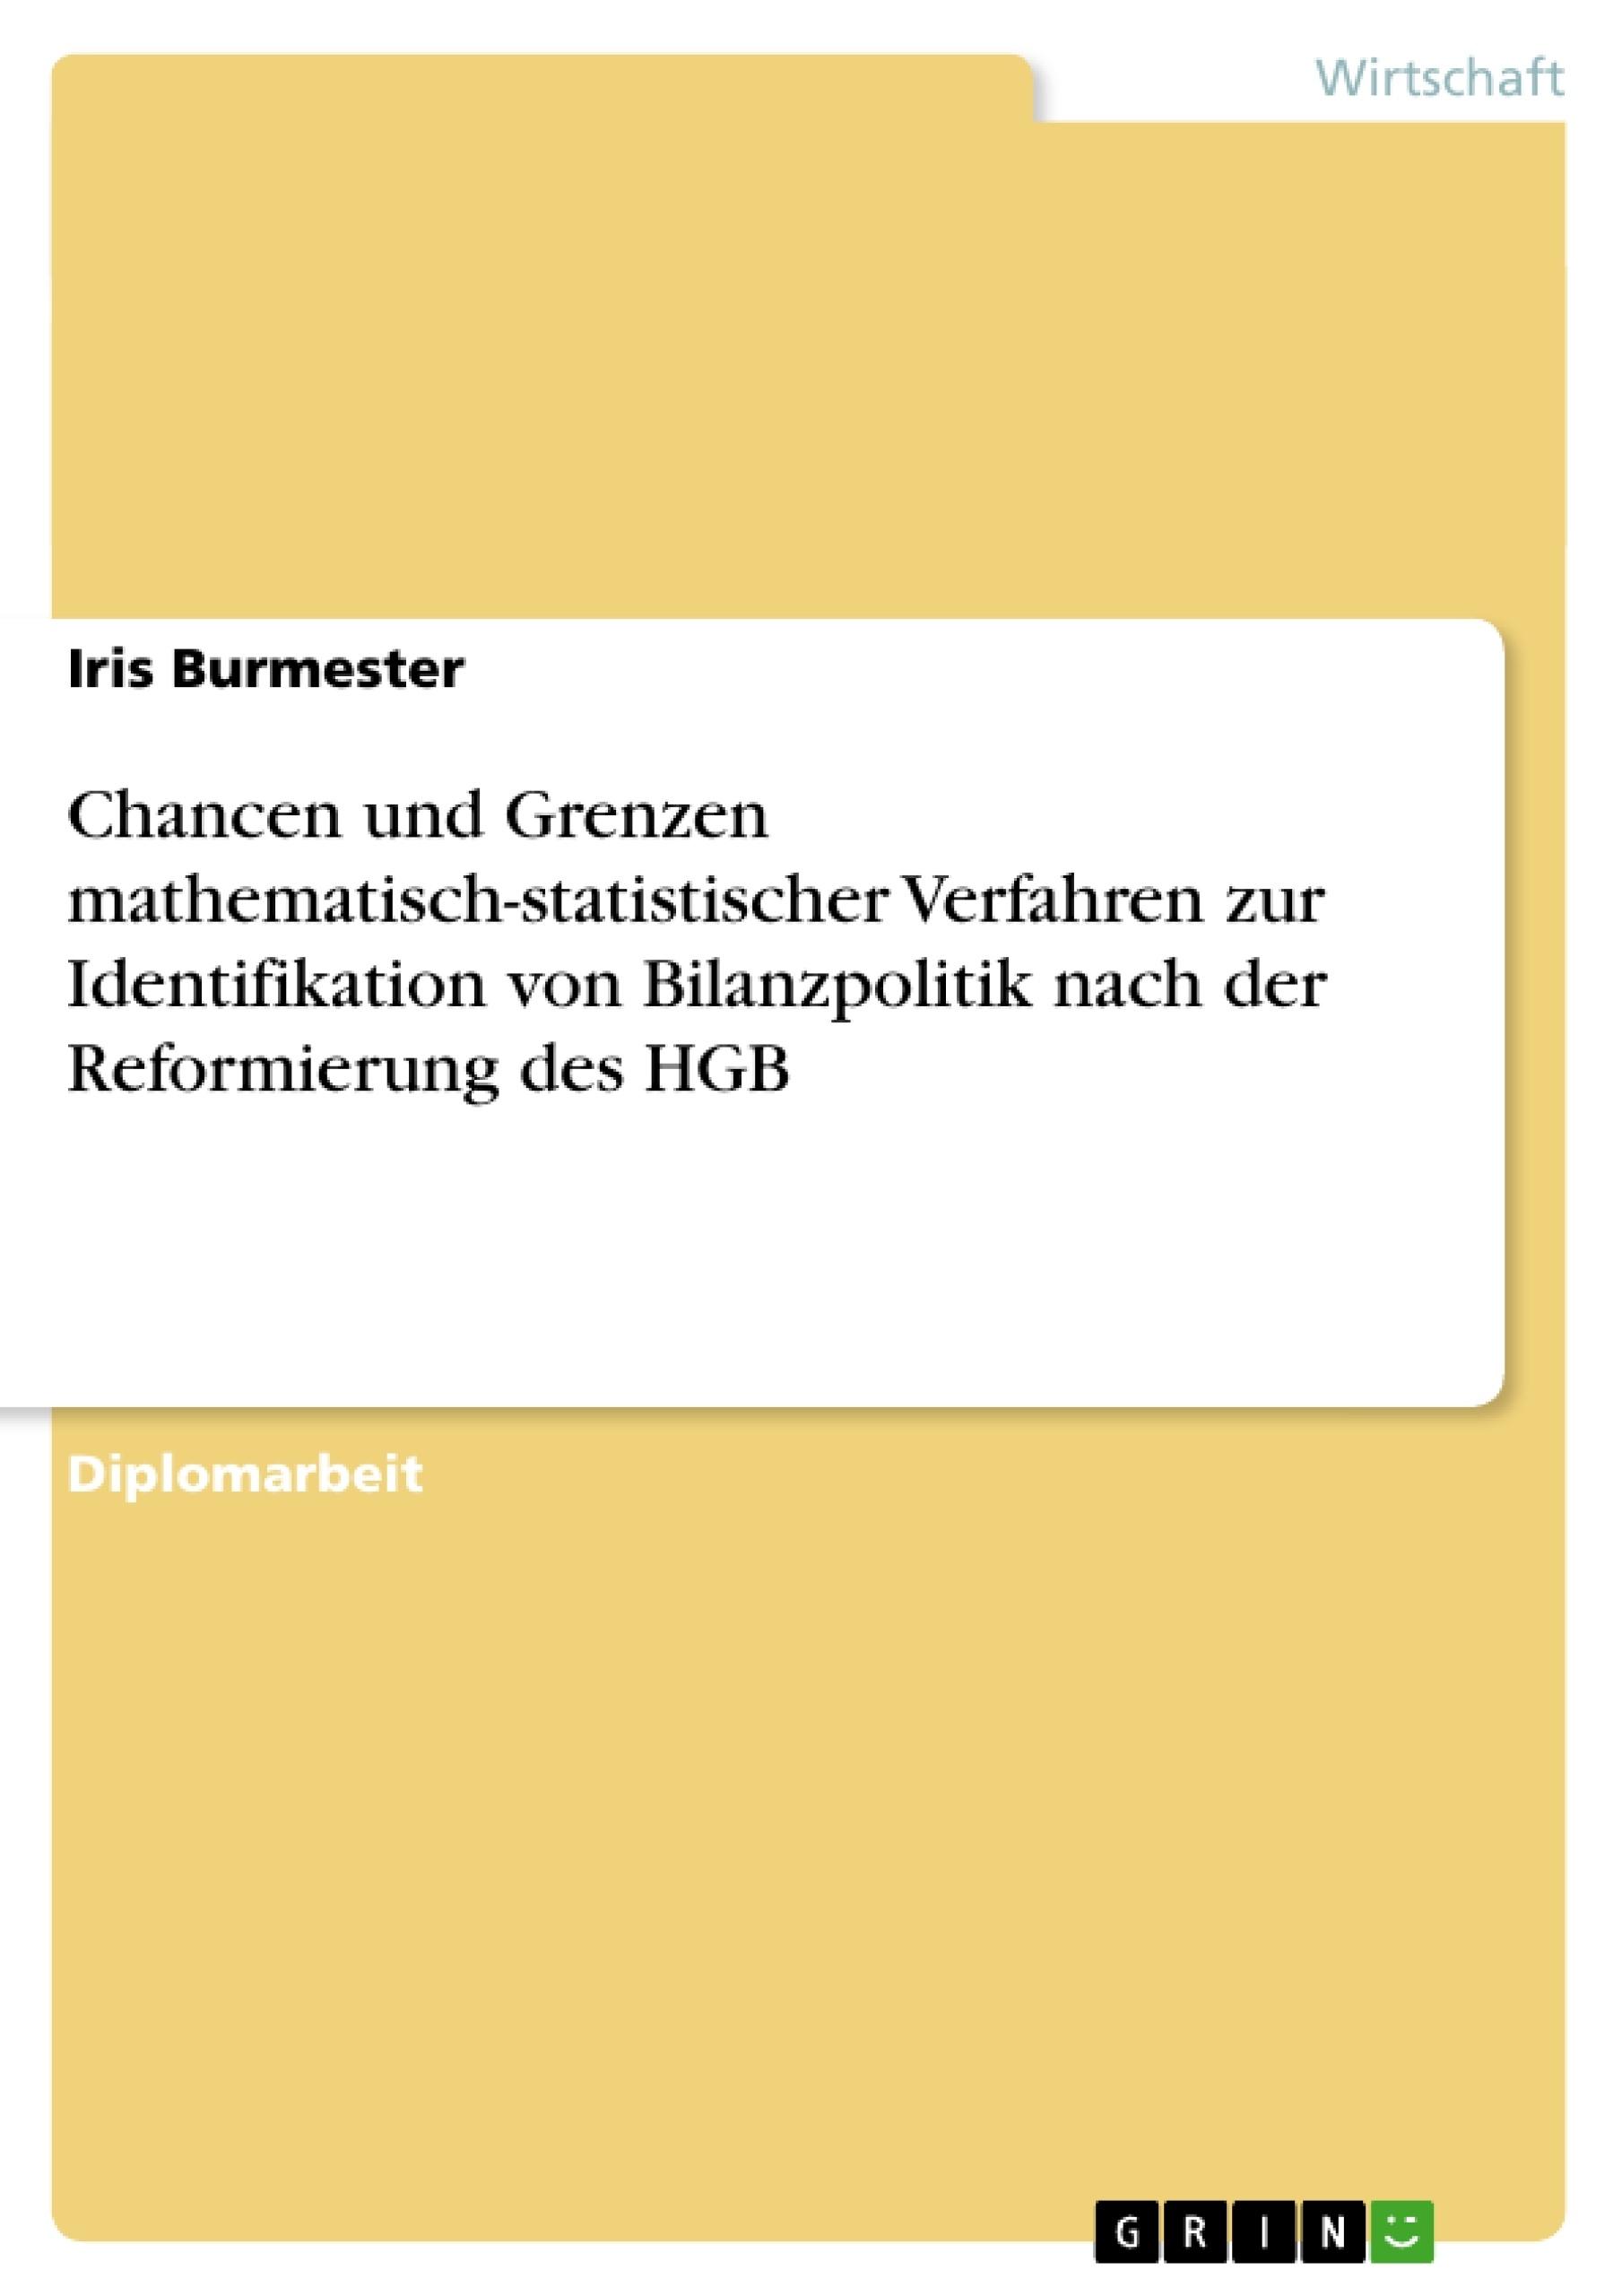 Titel: Chancen und Grenzen mathematisch-statistischer Verfahren zur Identifikation von Bilanzpolitik nach der Reformierung des HGB